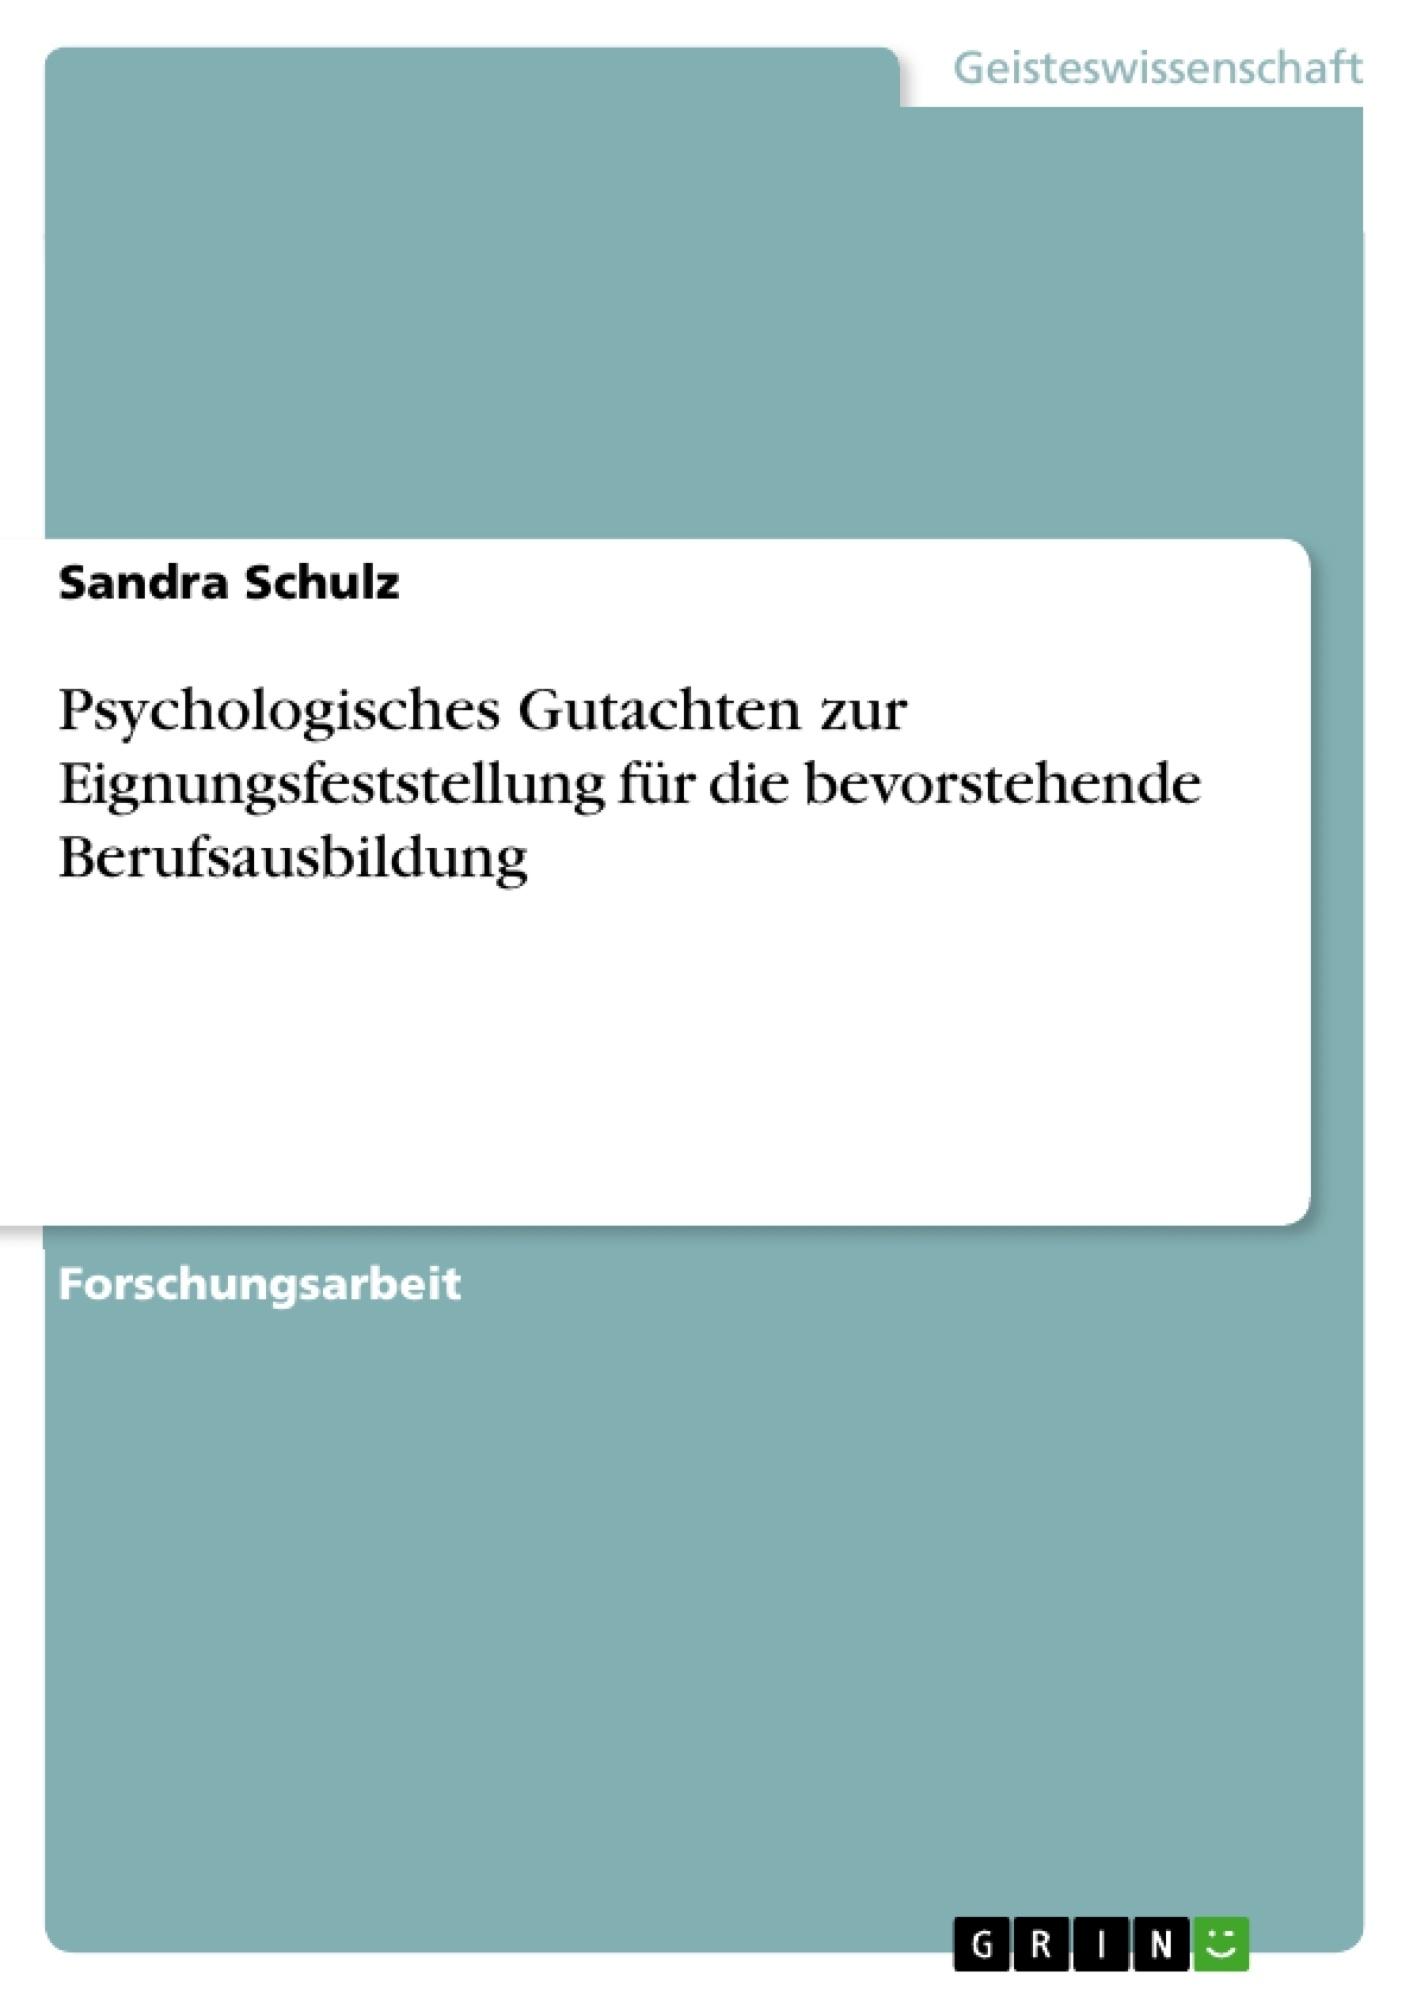 Titel: Psychologisches Gutachten zur Eignungsfeststellung für die bevorstehende Berufsausbildung